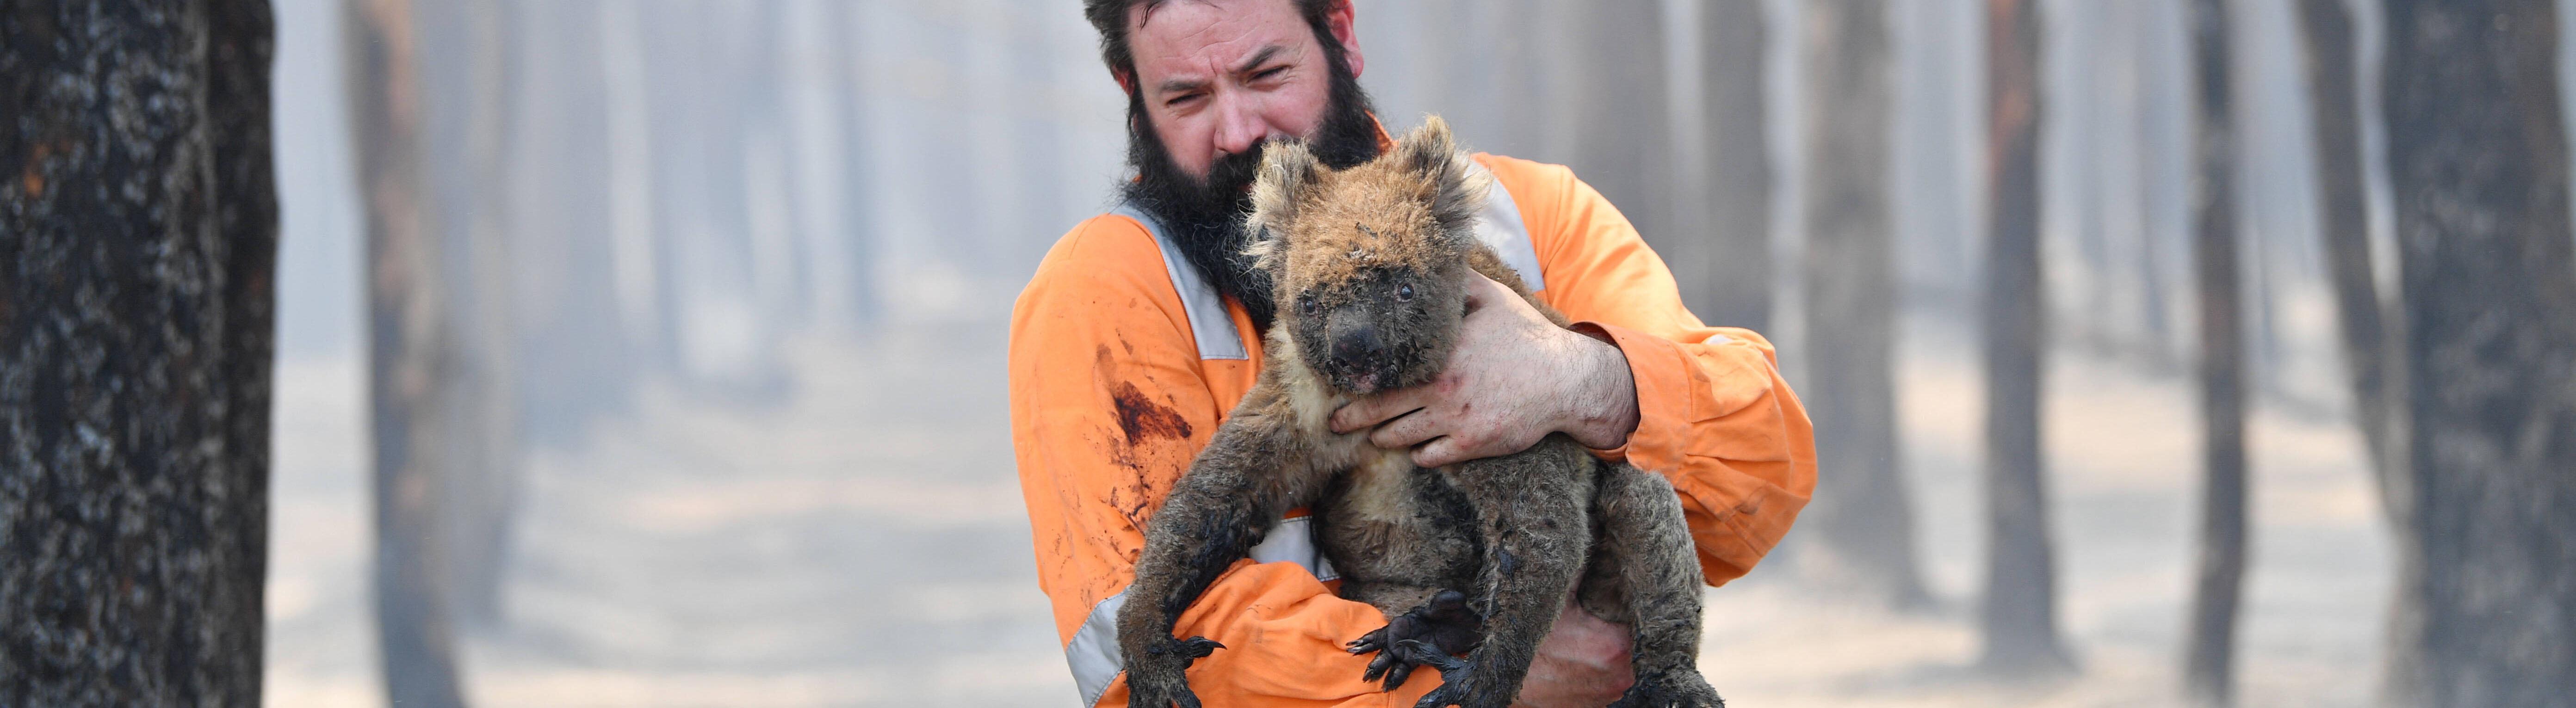 Ein Mann hält im verbrannten Wald einen Koala auf dem Arm